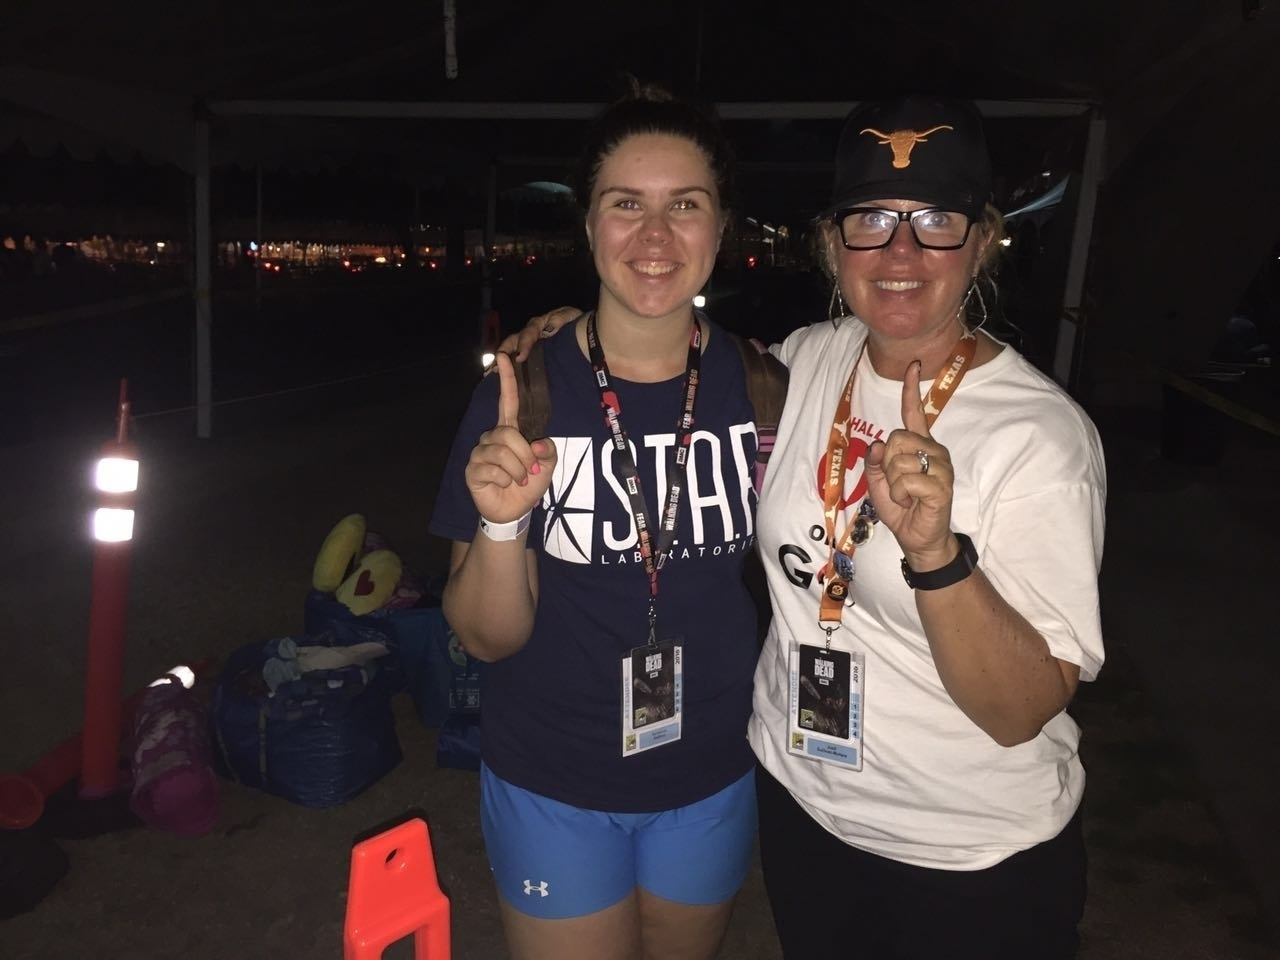 21.jul.2016 - Joell Sullivan-McNew e Savannah Sullivan, de Austin, no Texas, dormem nos arredores do Centro de Convenções de San Diego à espera dos painéis de